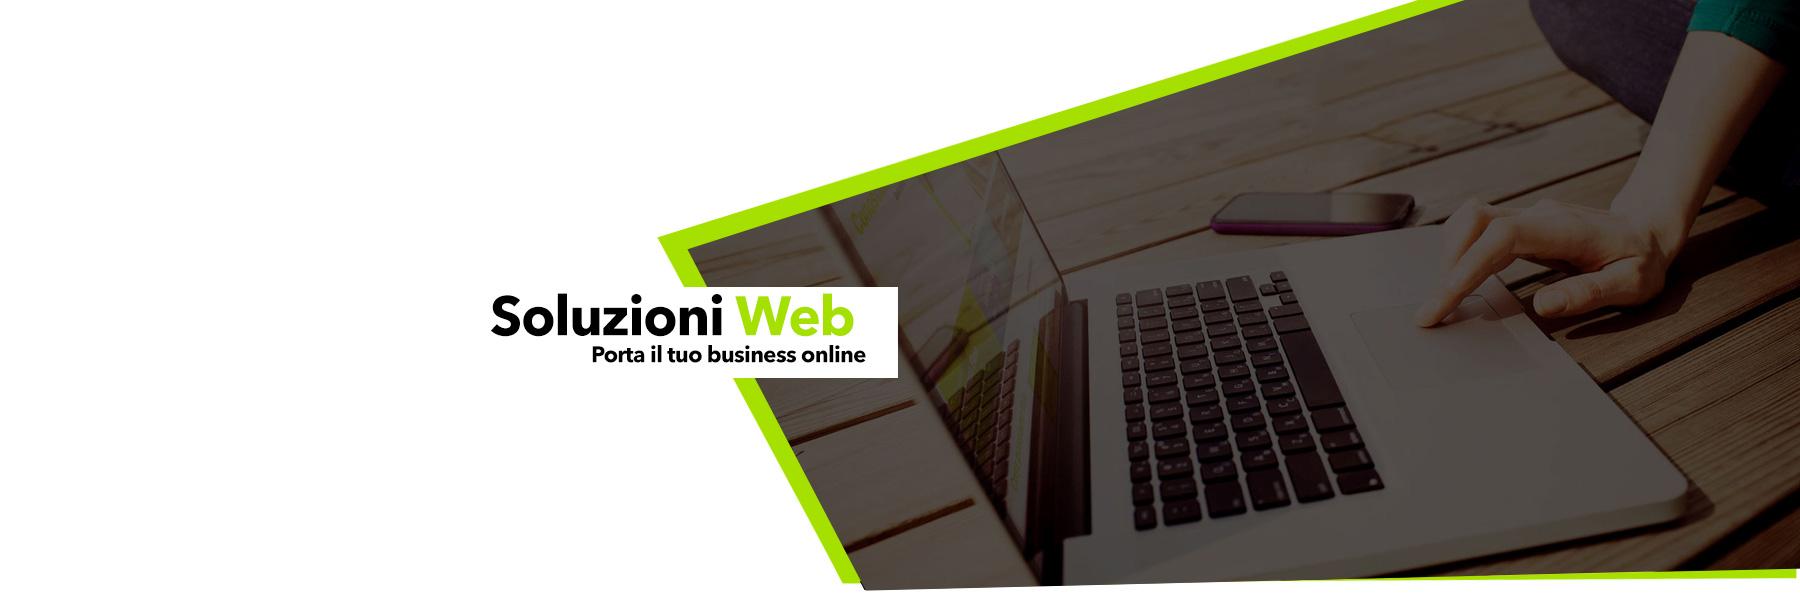 soluzioni-web-slide